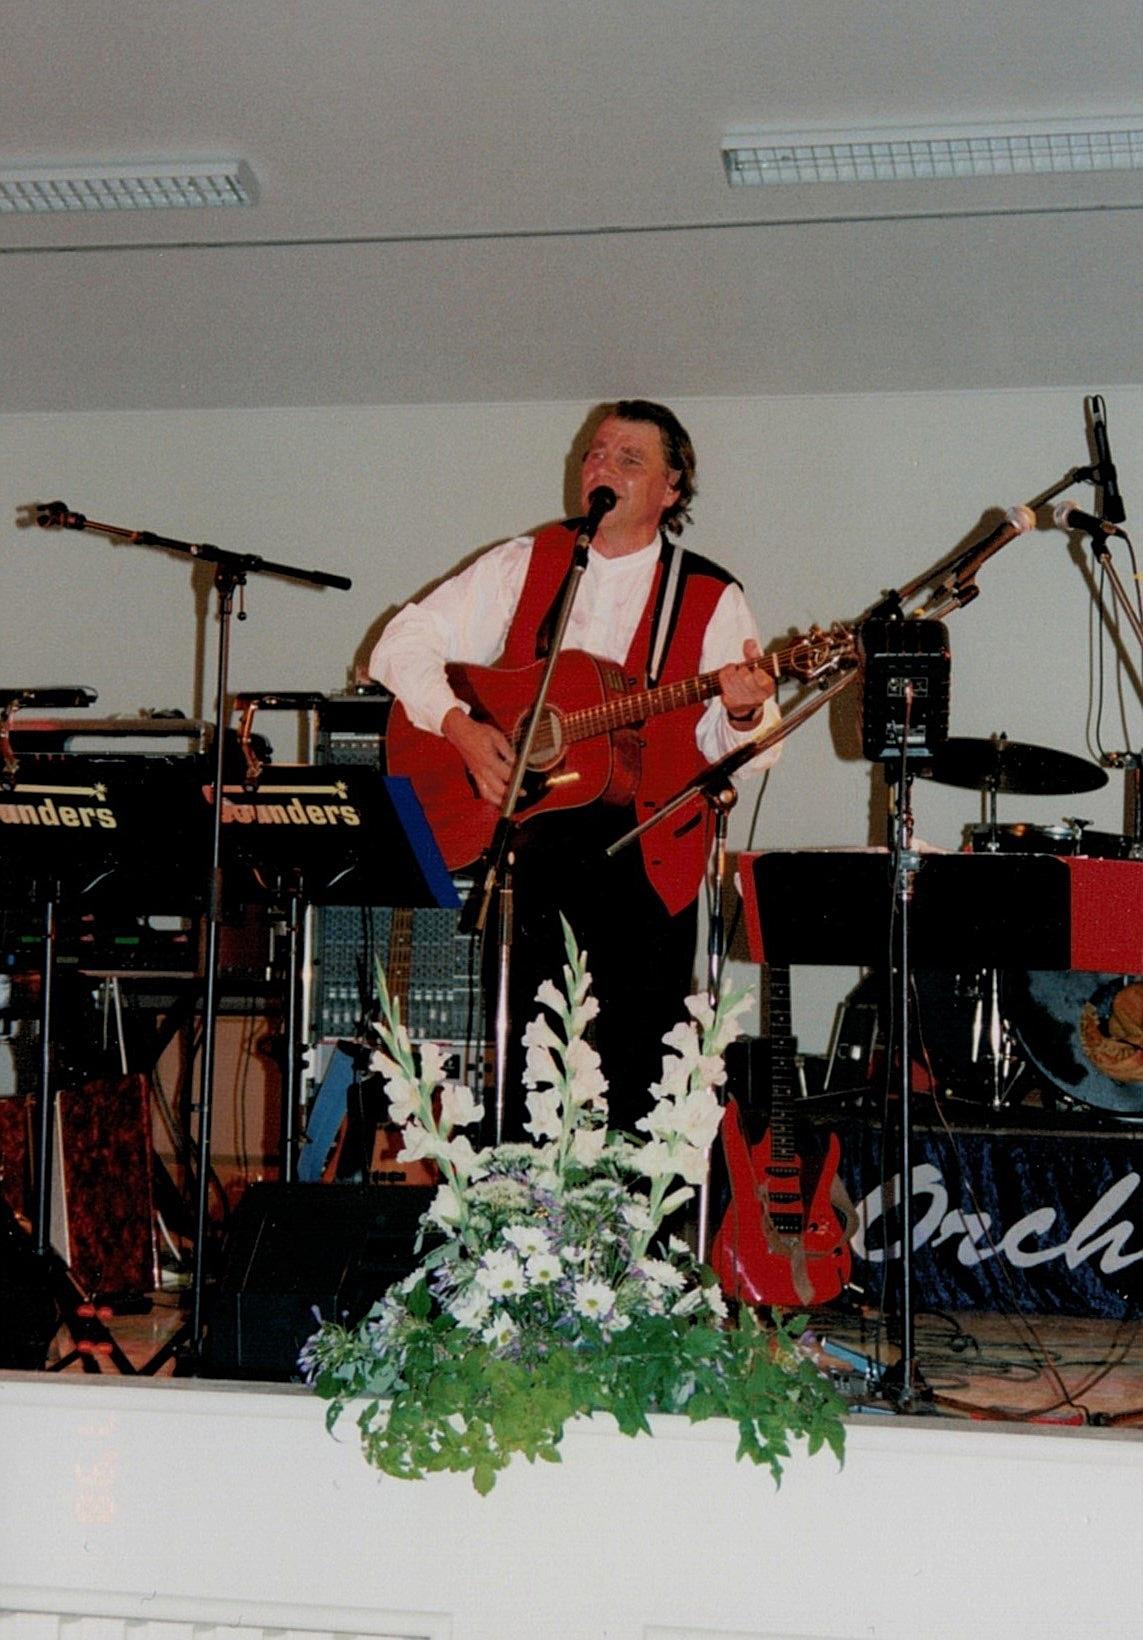 Arto Rintamäki uppträdde på lördagskvällens danstillställning med svängig sång och musik.